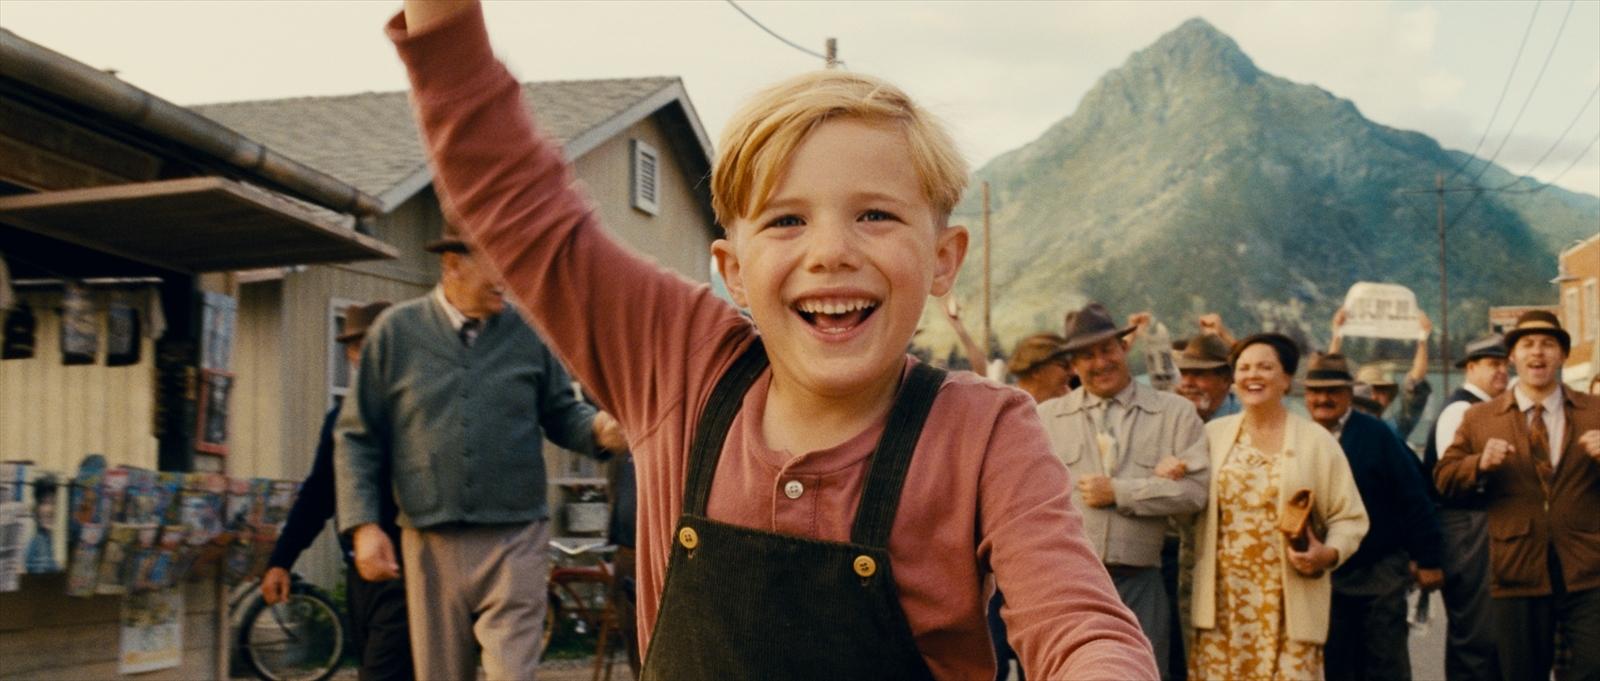 ペッパー(リトルボーイ)役/ジェイコブ・サルヴァーティ (C)2014 Little Boy Production, LLC.All Rights Reserved.